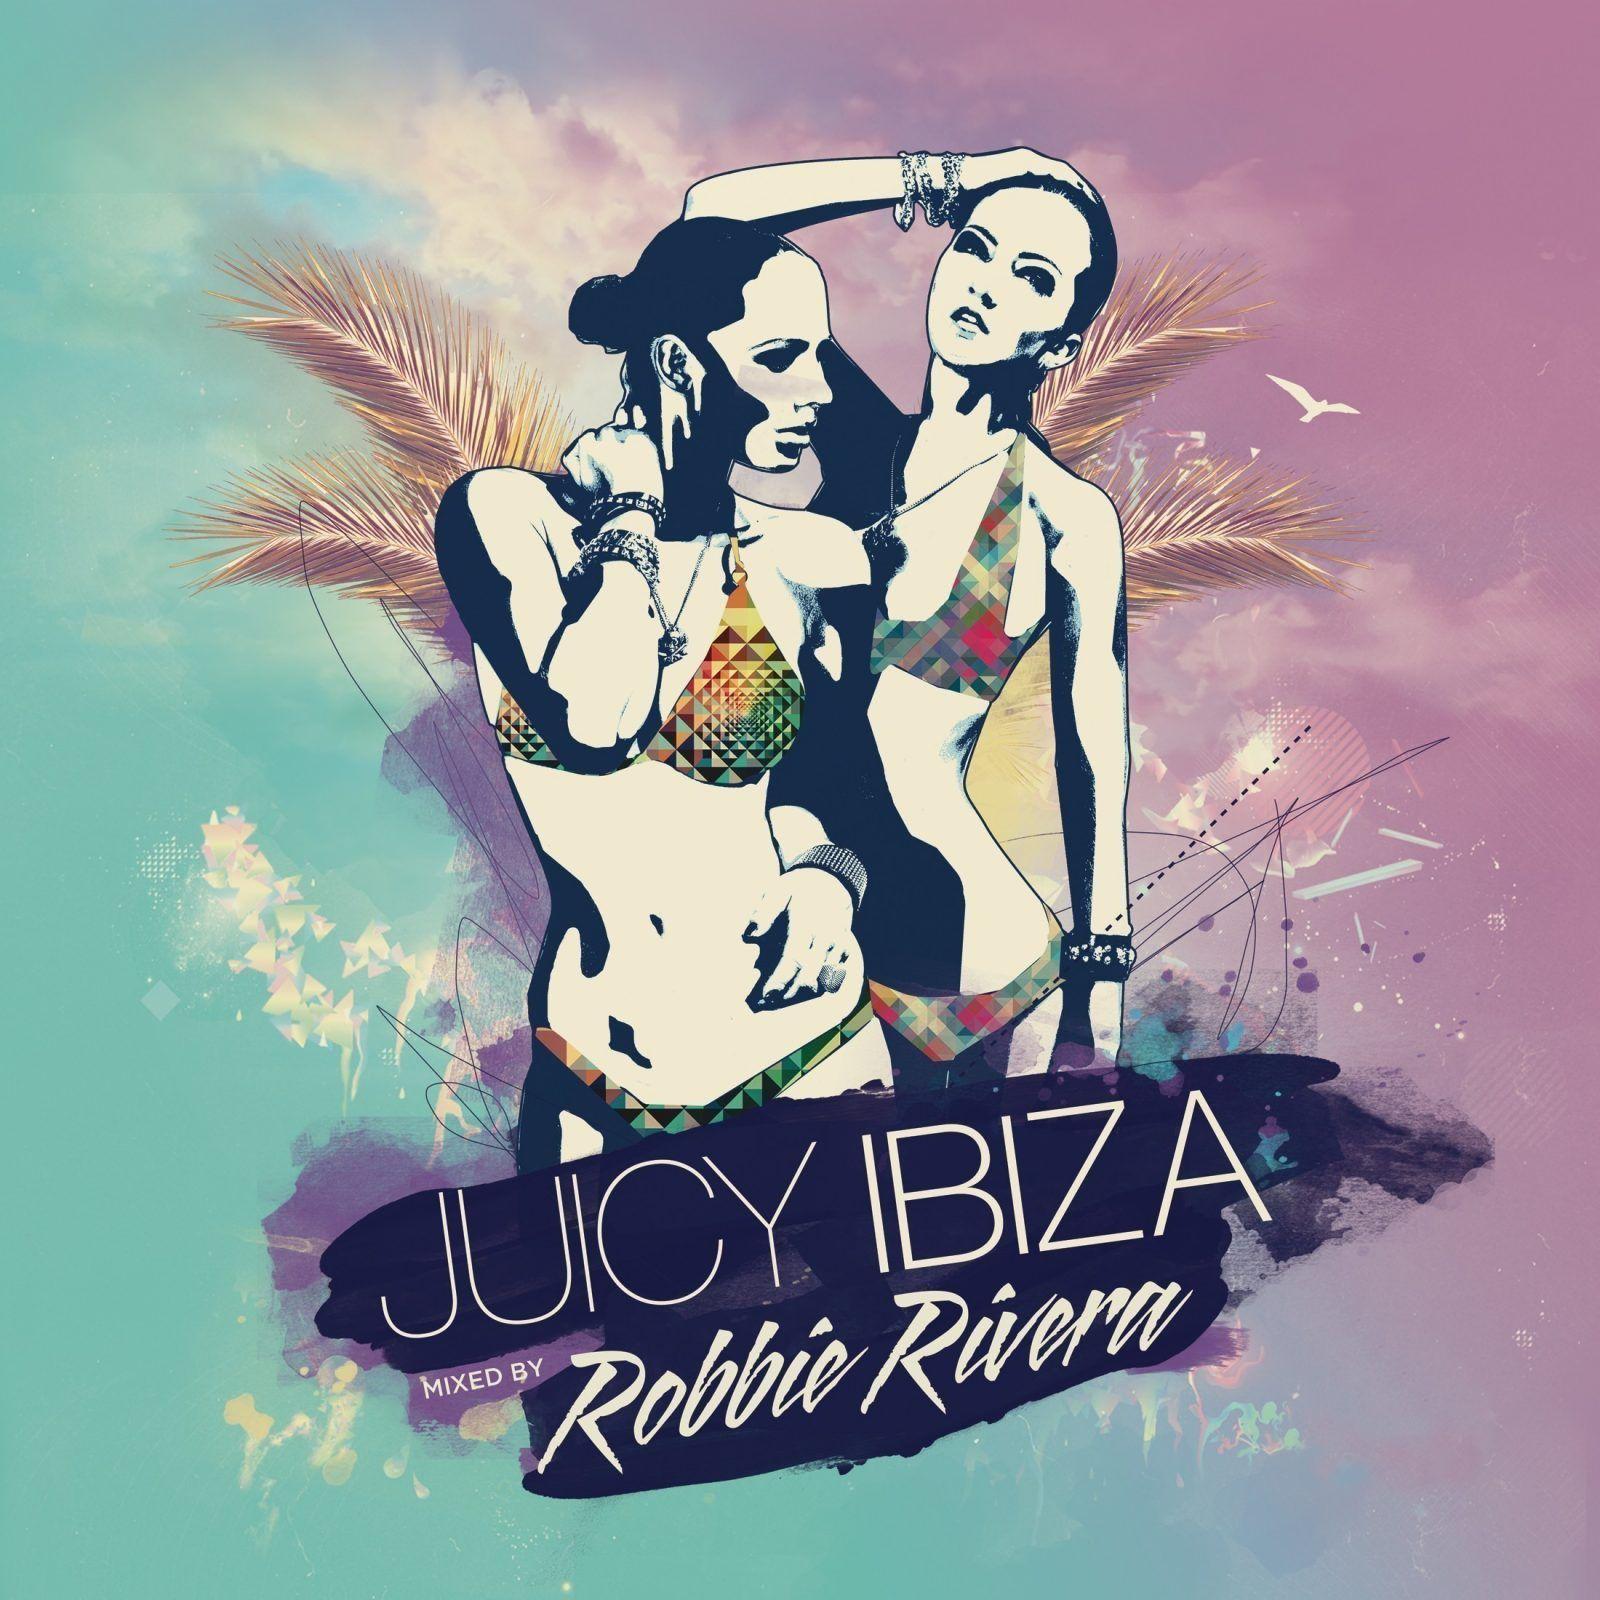 juicyibiza.jpg